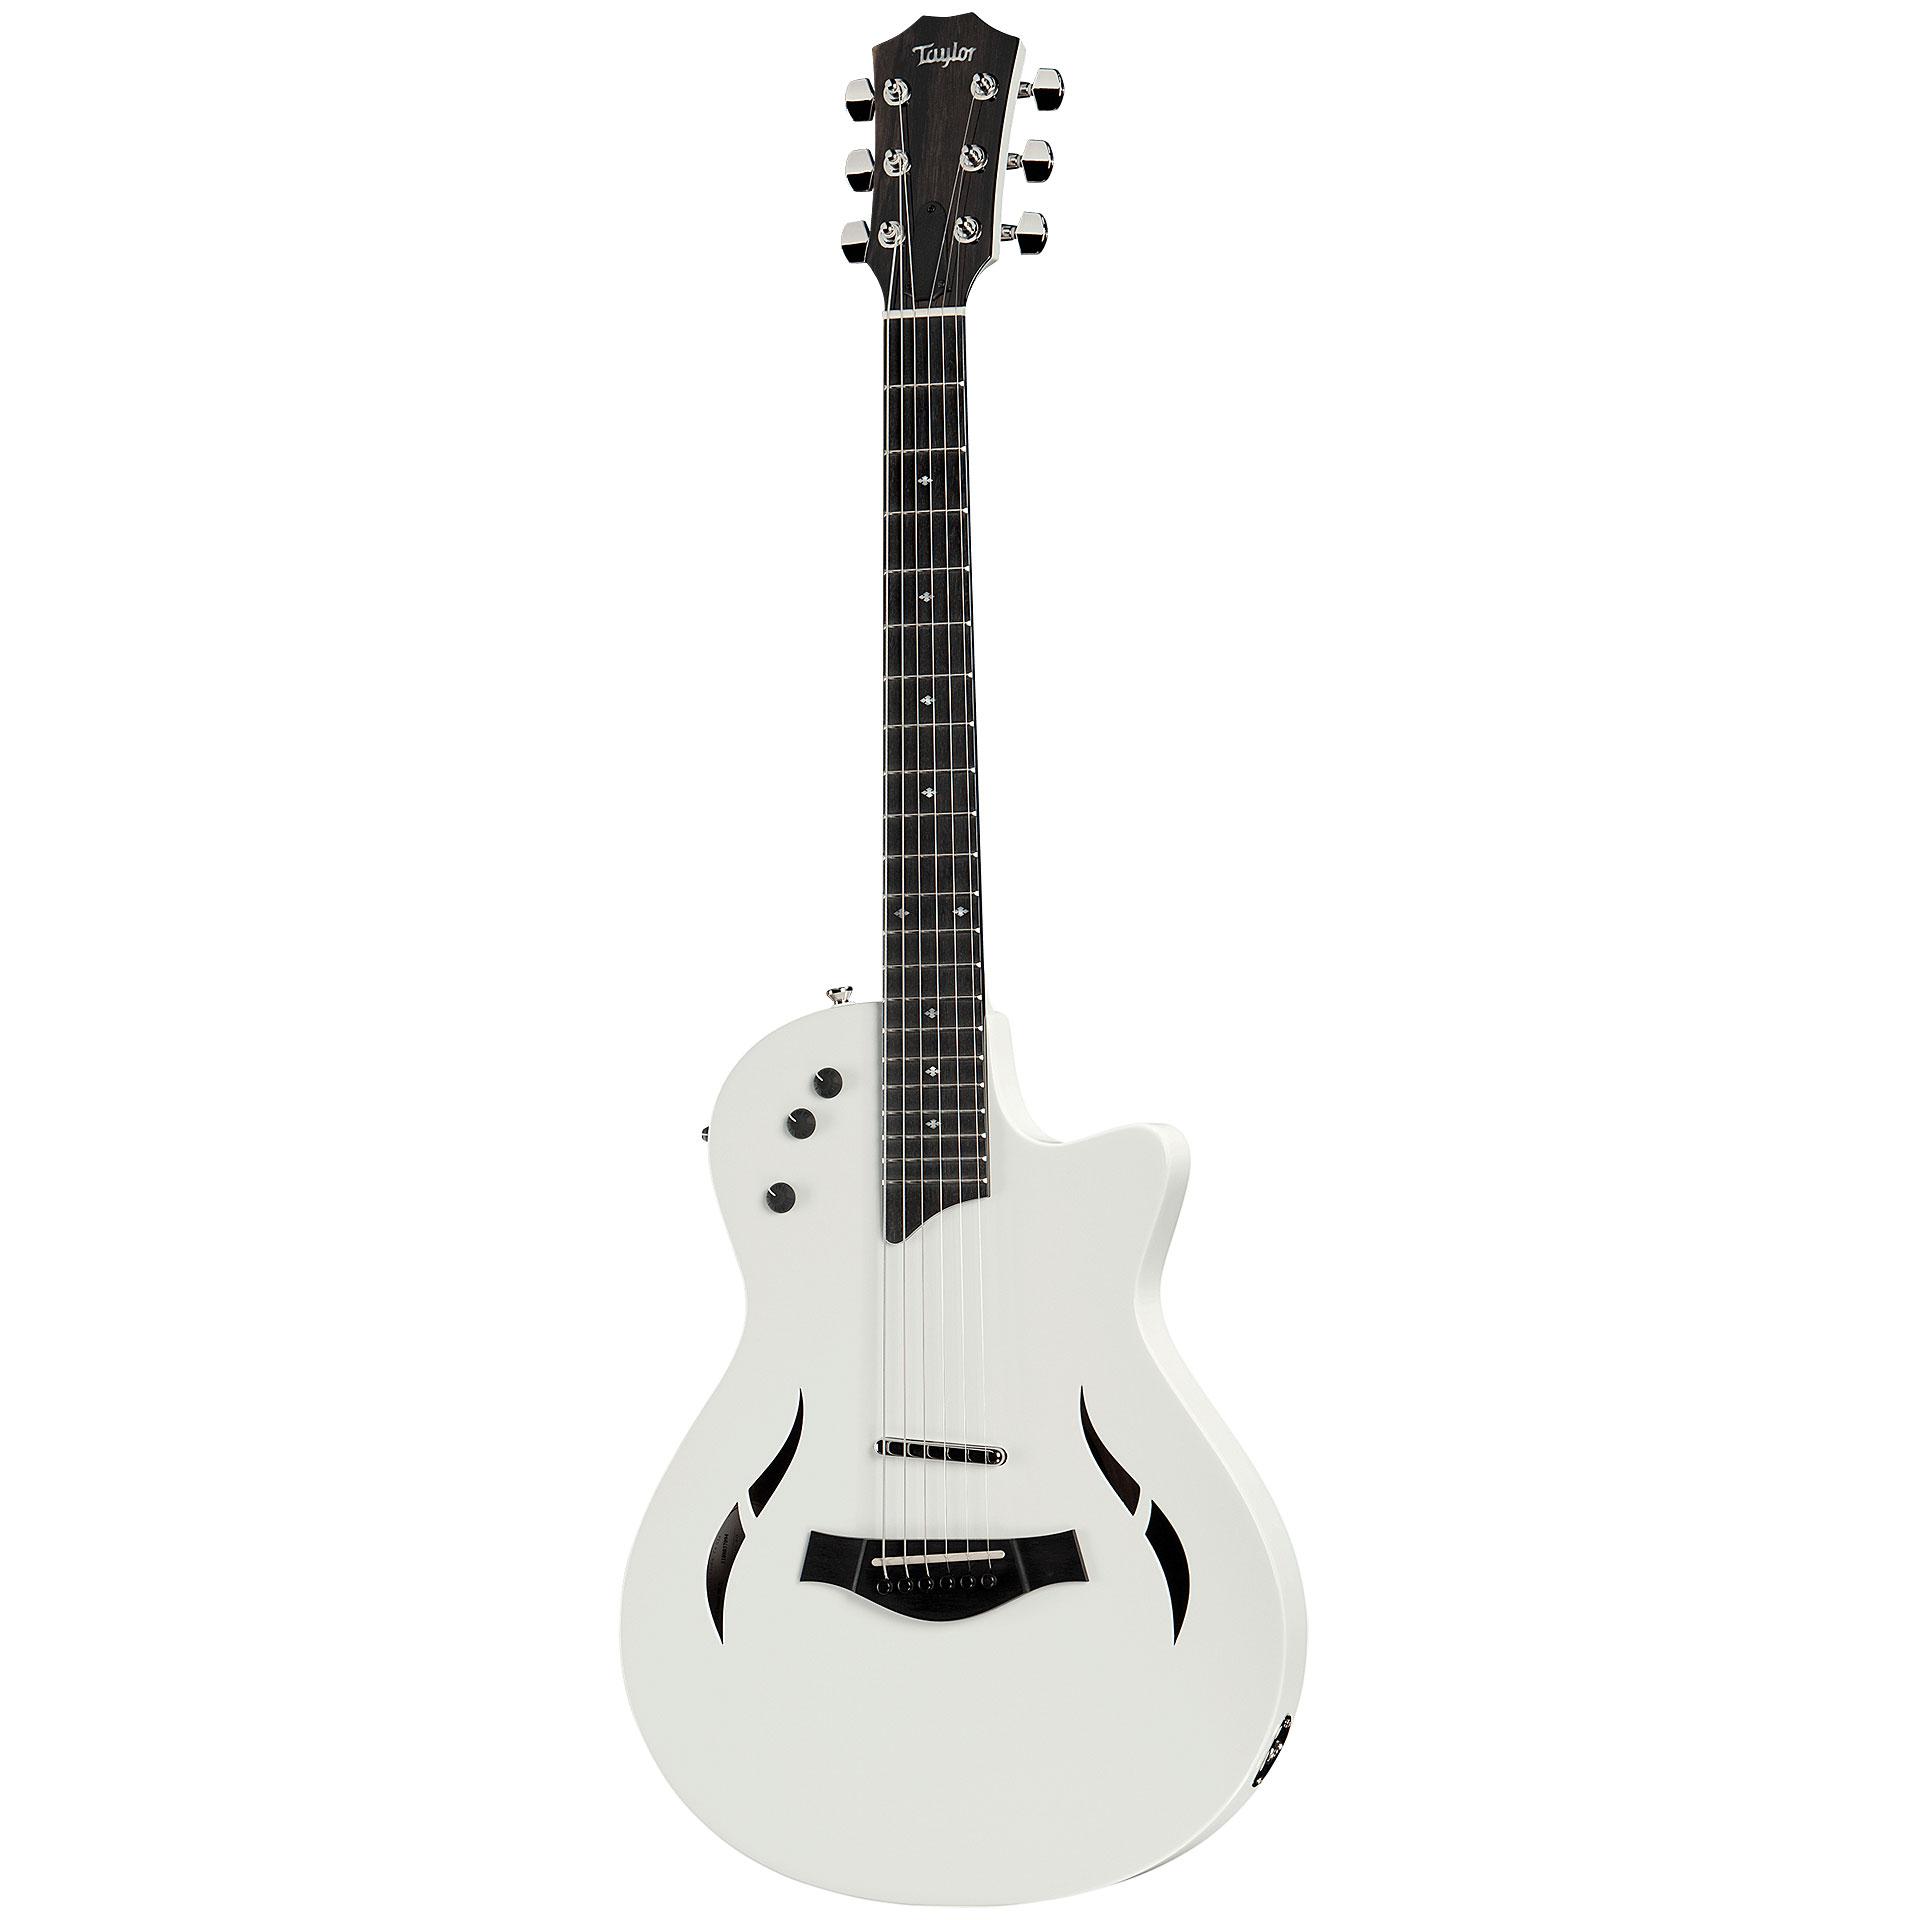 e61ee2e0b44a Taylor T5z Classic DLX LTD Artic White « Acoustic Guitar